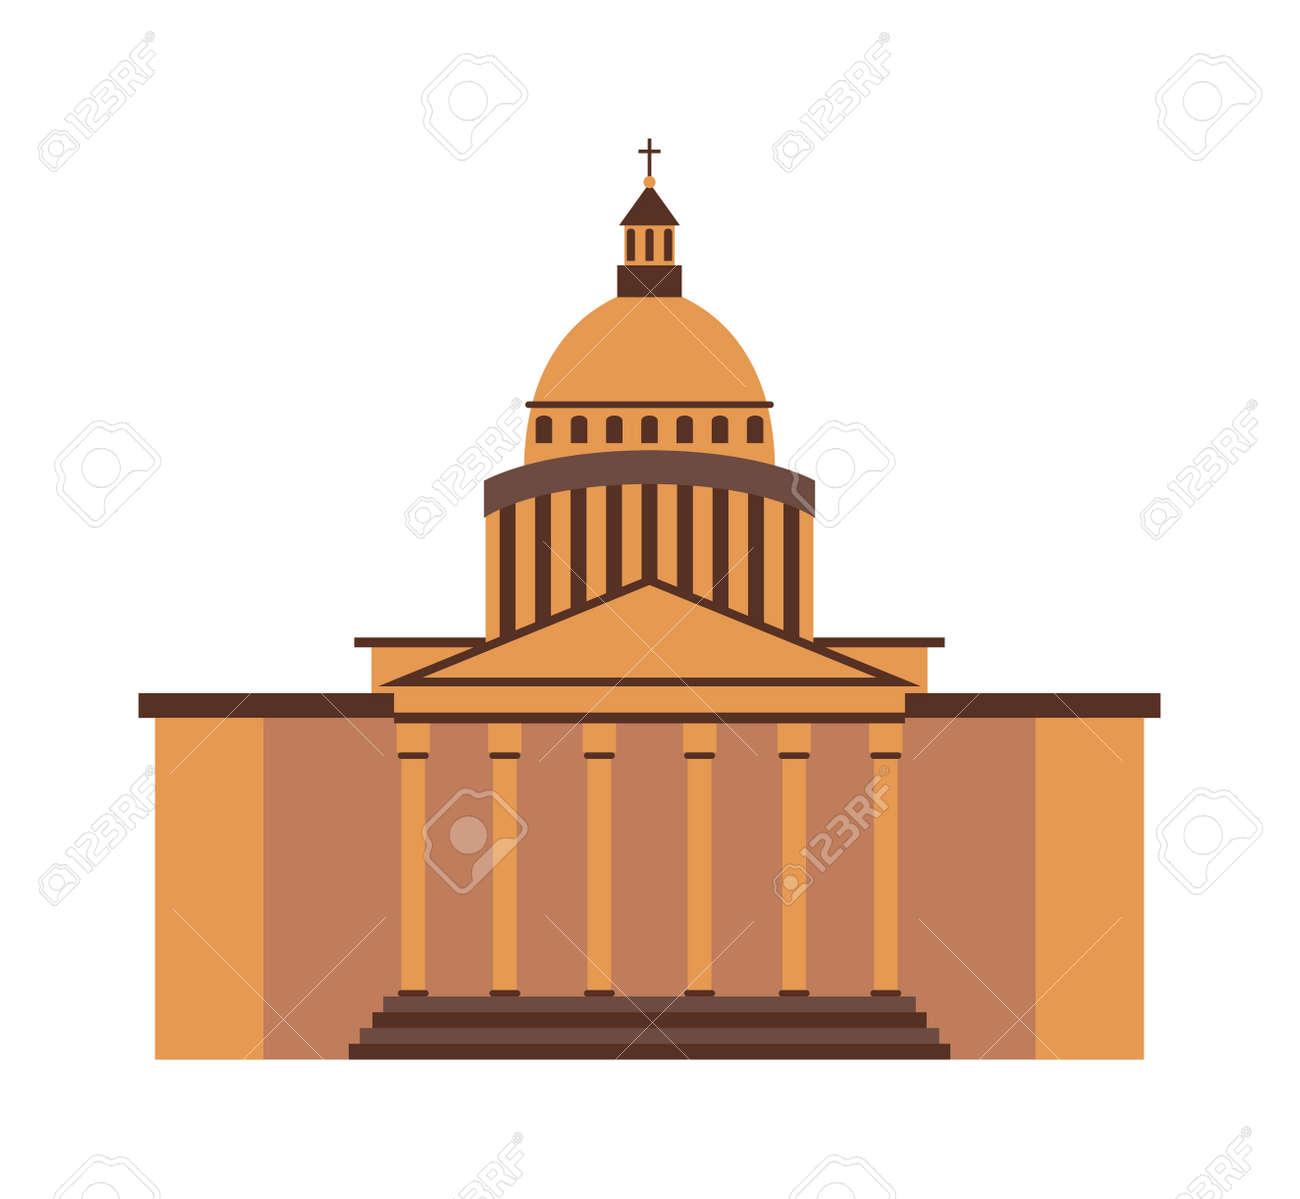 Banque dimages blanc gouvernement maison historique et larchitecture président maison blanche maison blanche histoire amérique symbole politique